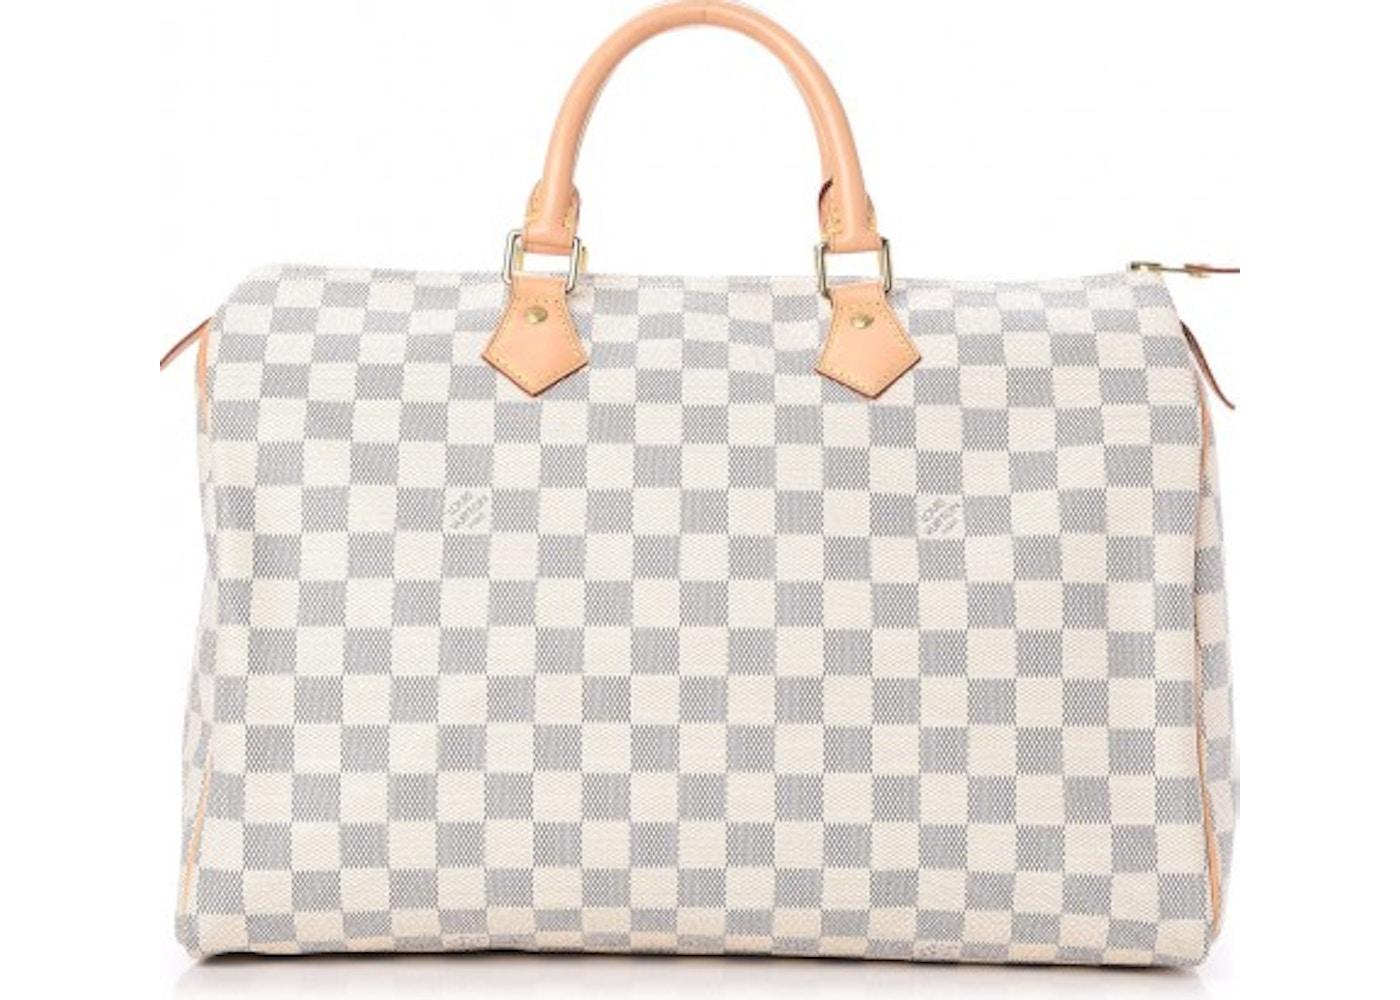 b2d540419c Louis Vuitton Speedy Damier Azur 35 White Blue. Damier Azur 35 White Blue